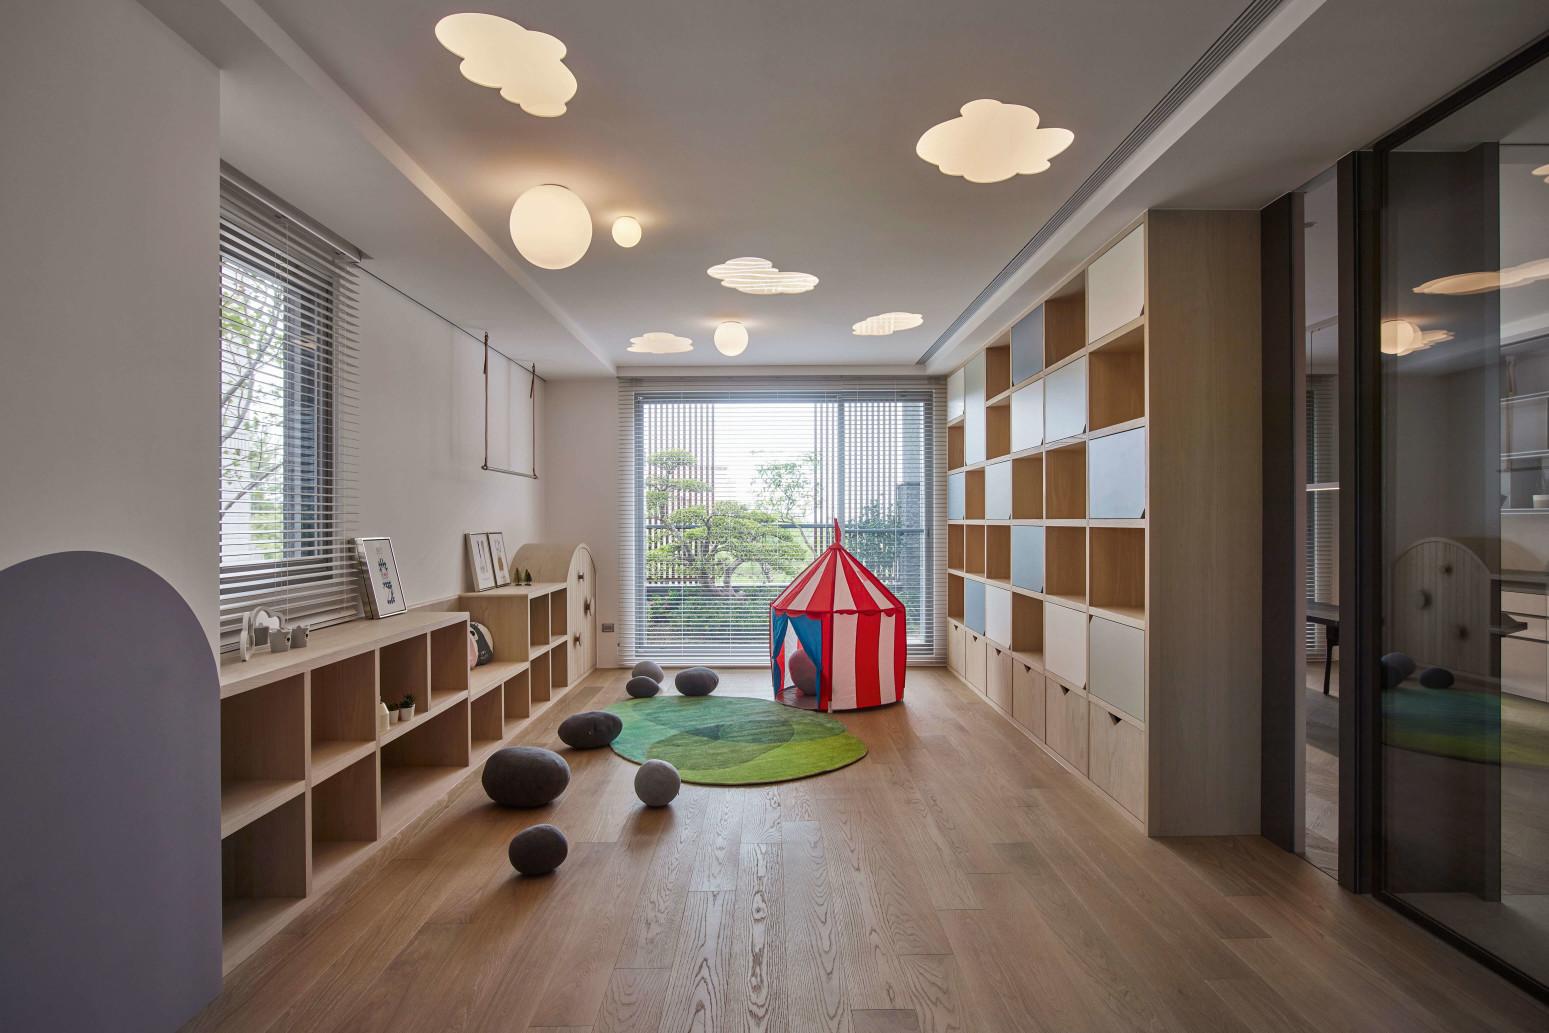 分子室內裝修設計 - 混搭約風  室內設計推薦 室內裝潢 獨棟透天